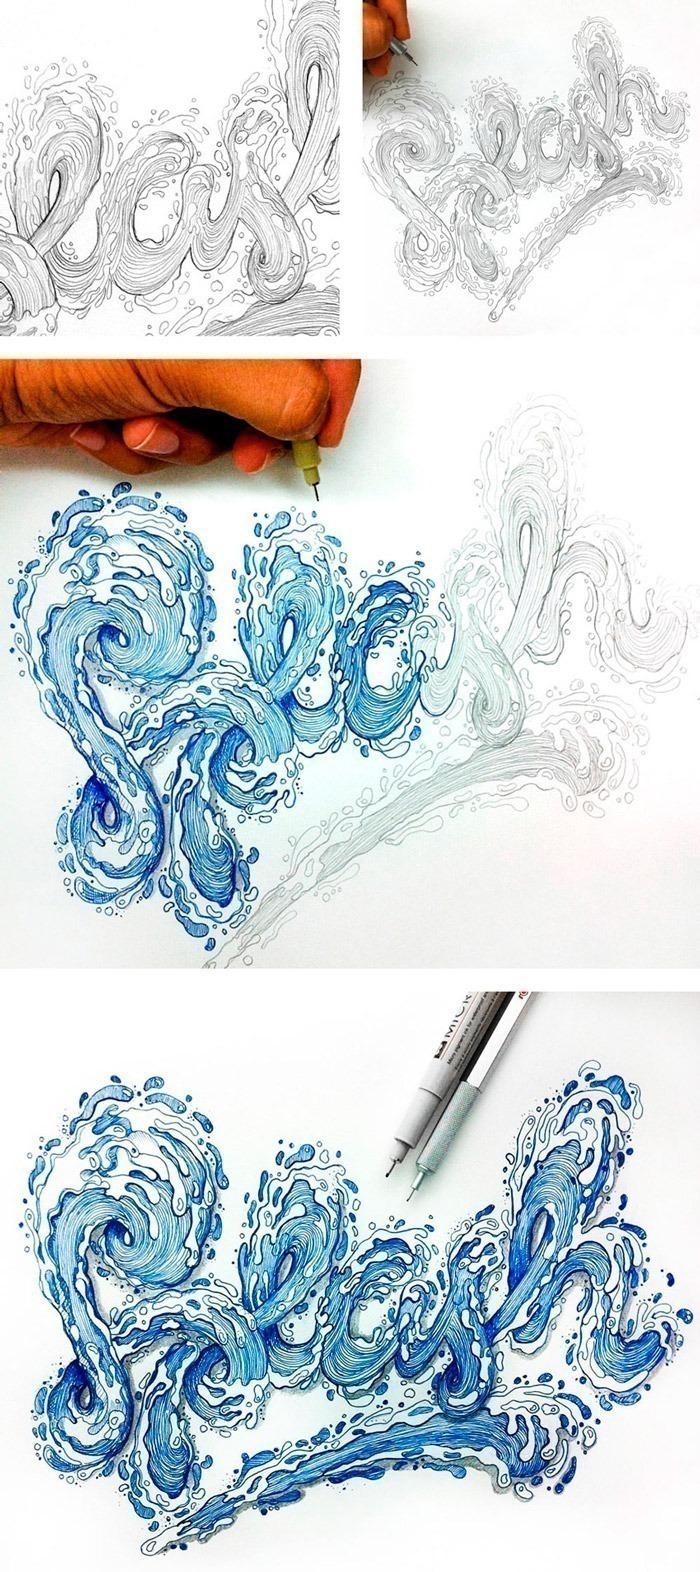 o-lettering-incrivelmente-ilustrado-de-el-juantastico-13